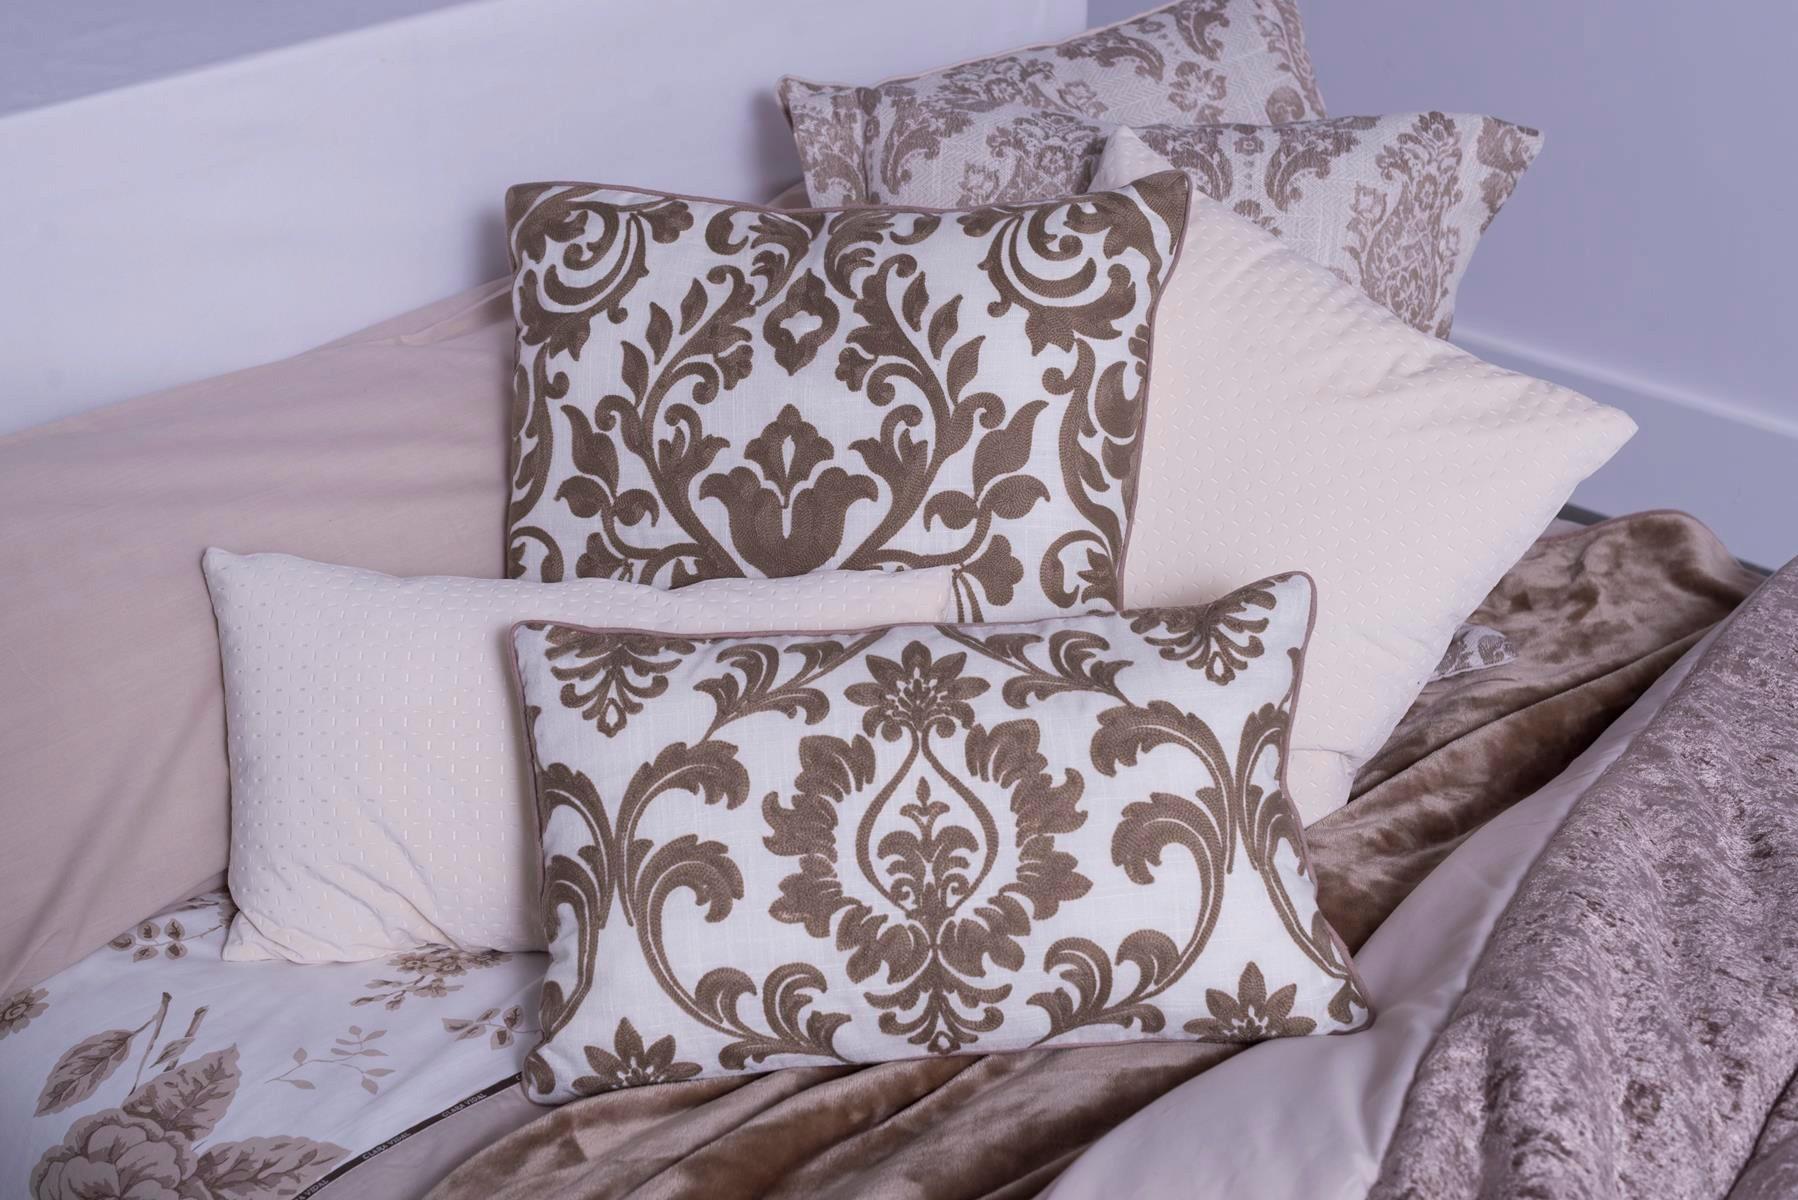 Cojines decorativos en la cama s o no magazine - Cojines pequenos ...